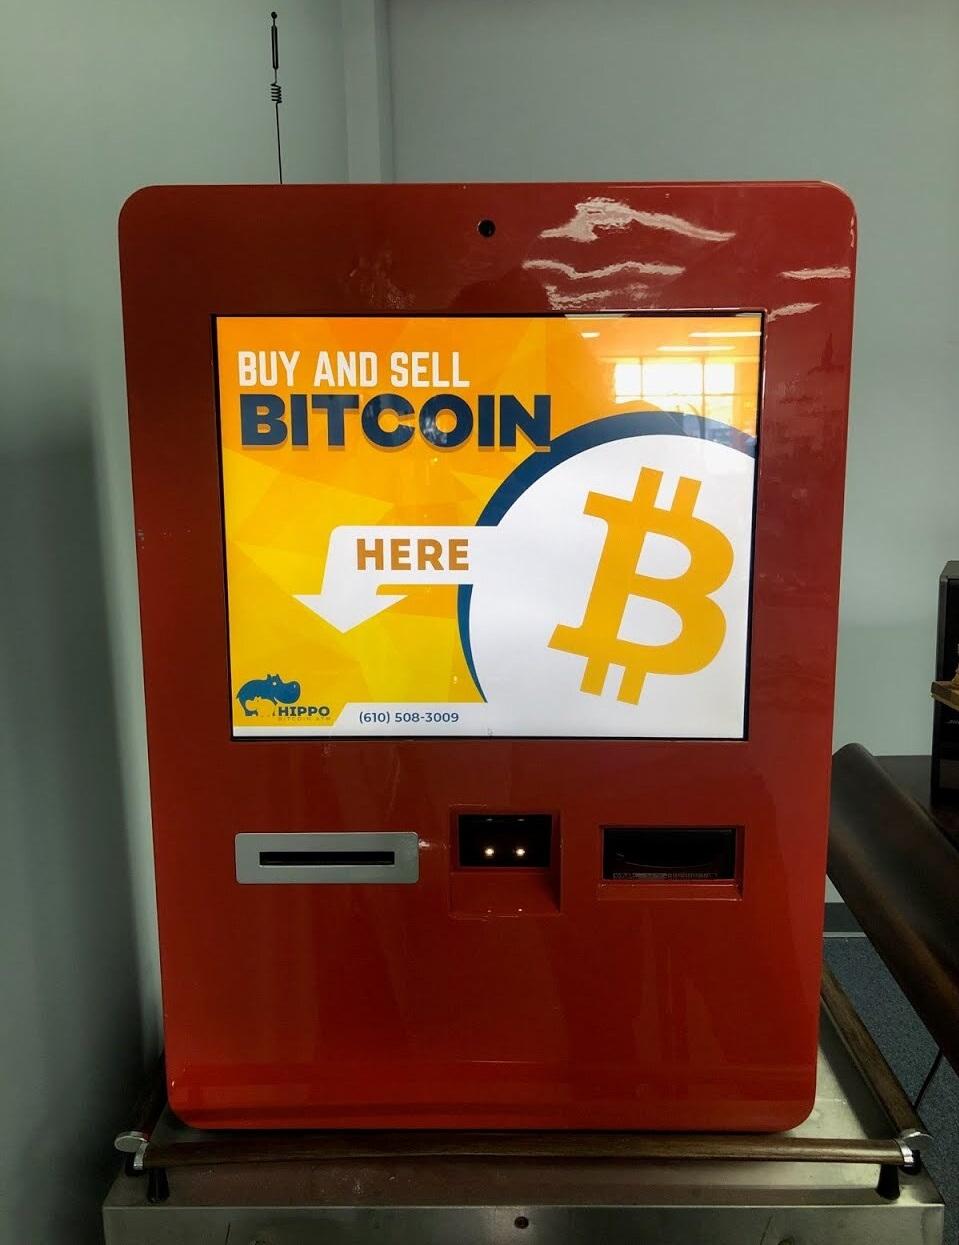 Bitcoin ATM Lancaster buy bitcoin instantly - Hippo Bitcoin ATM